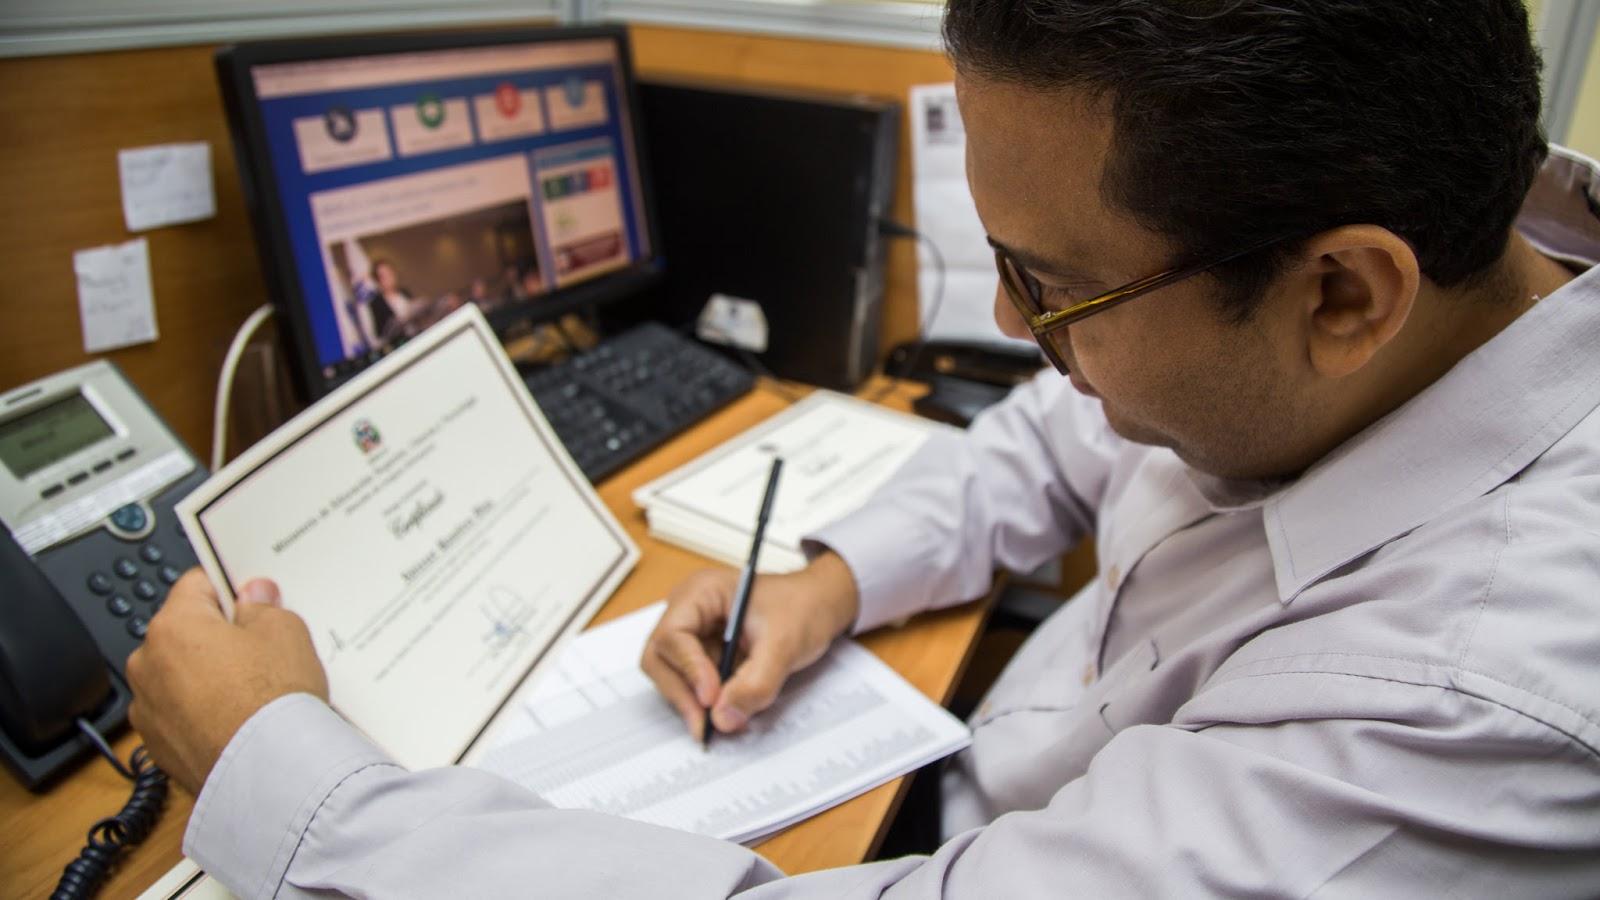 República Digital transforma servicios de educación superior; ya se puede solicitar en línea certificación y legalización de documentos